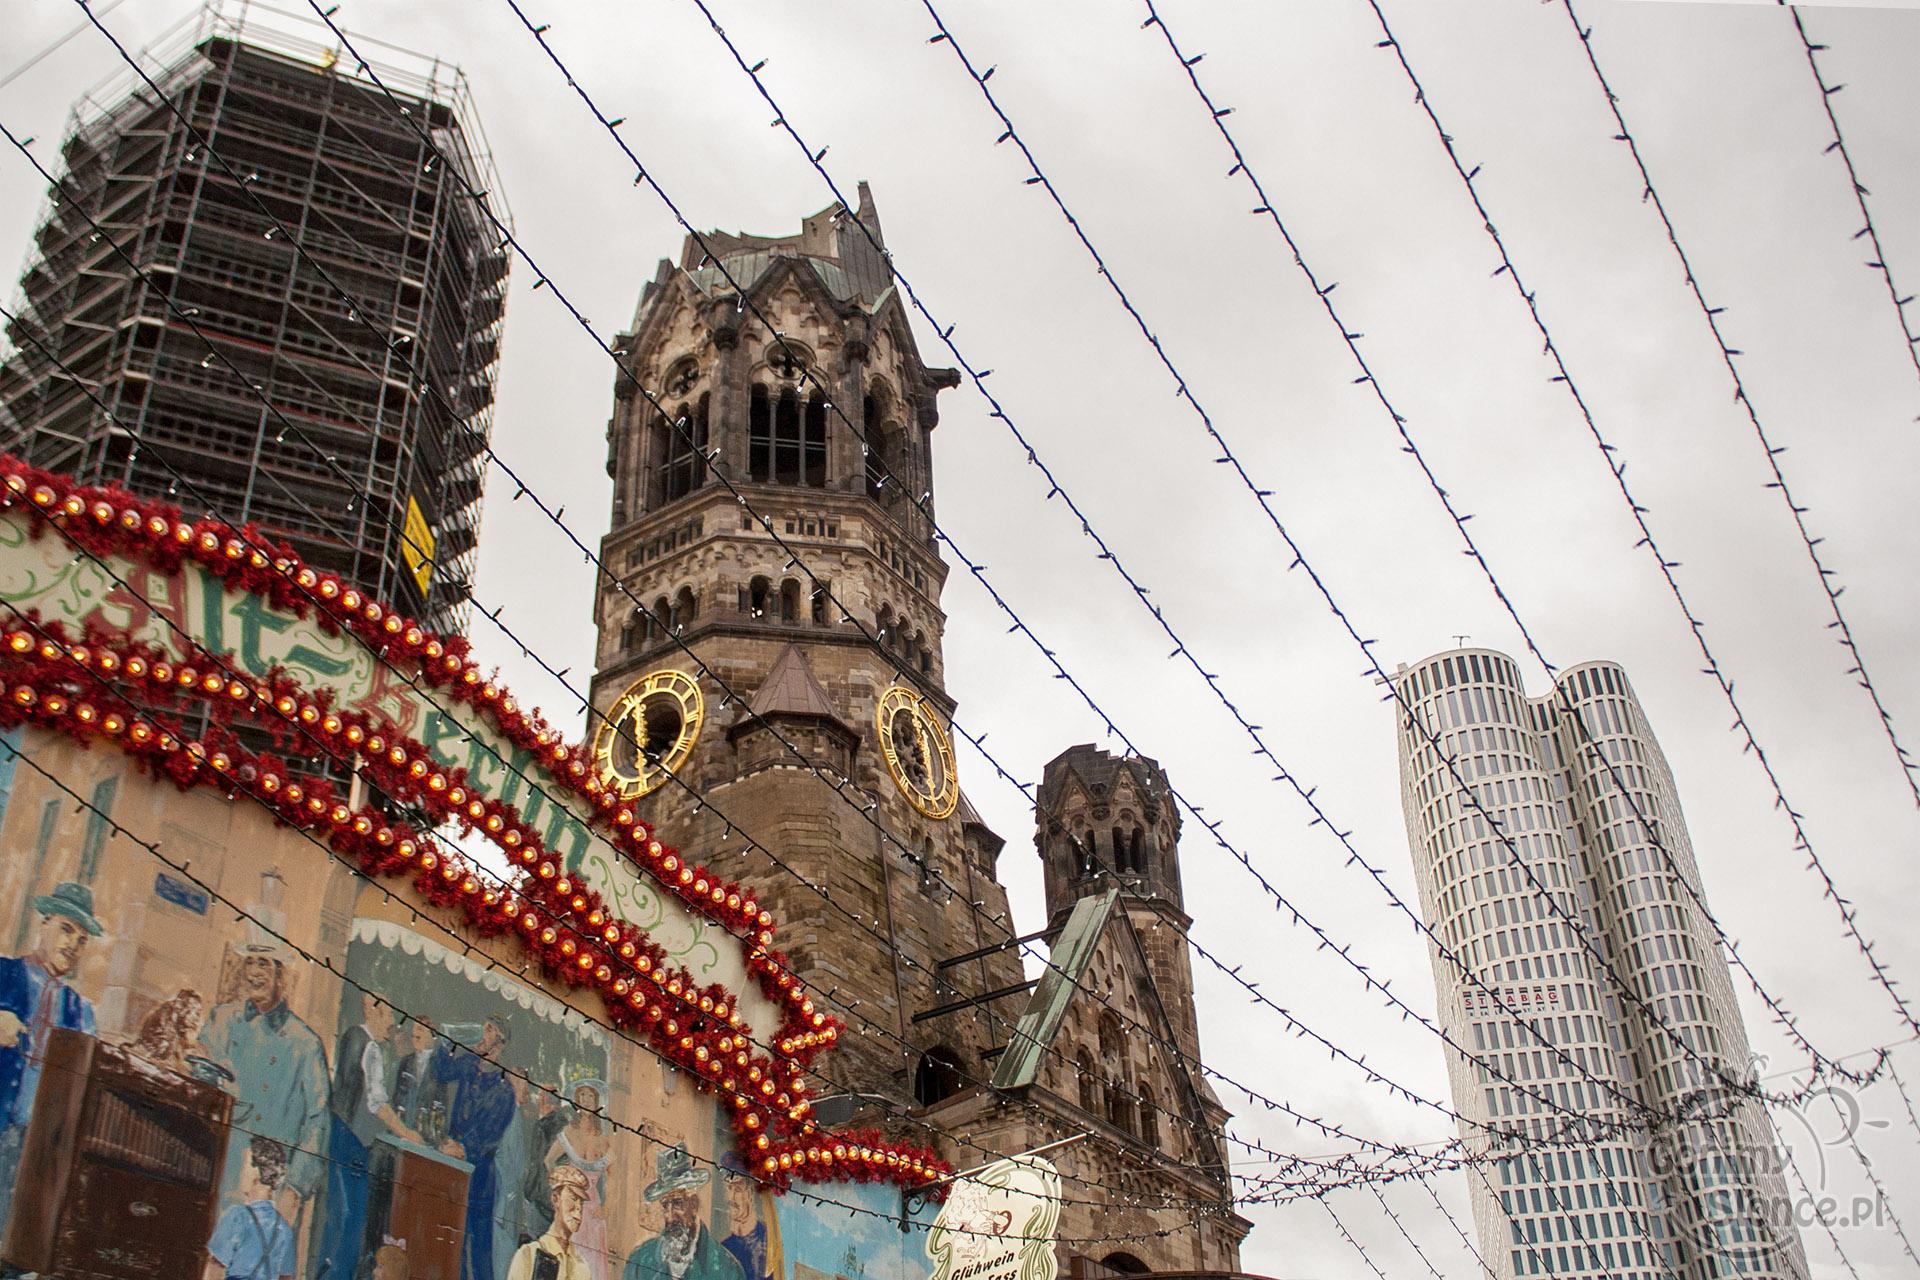 Gedächtnis Kirche w świątecznej scenerii jarmarków bożonarodzeniowych